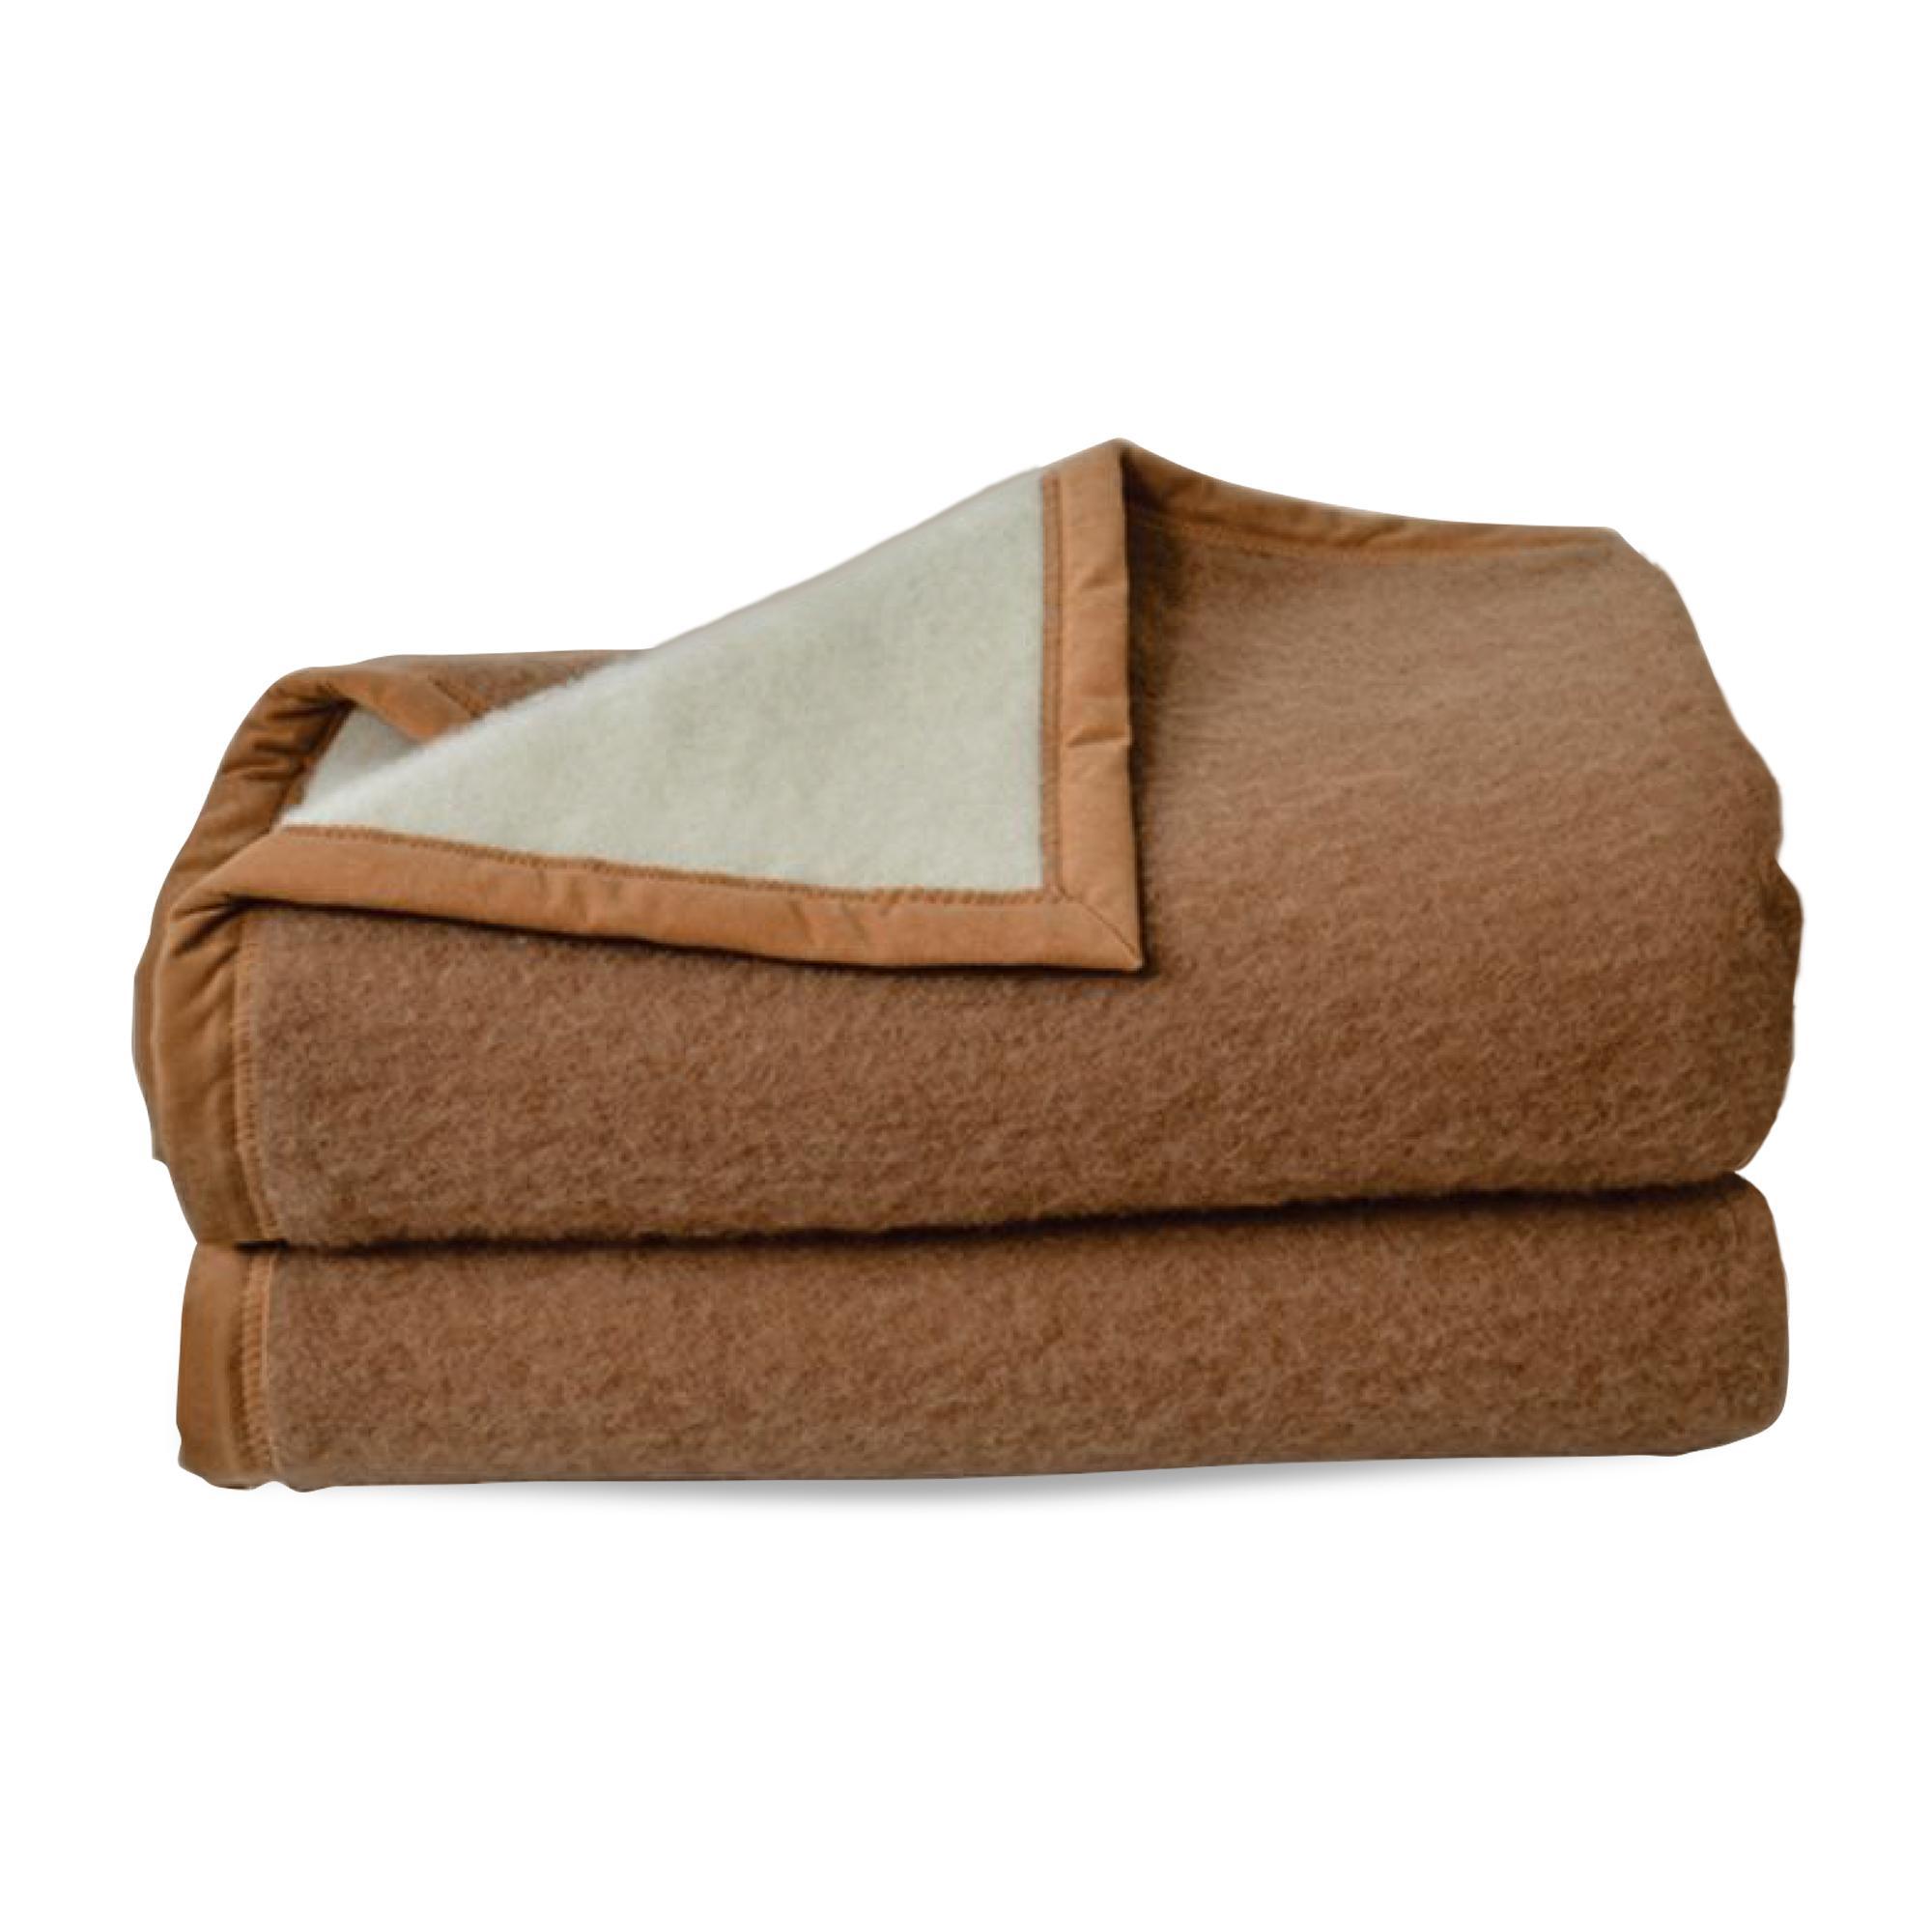 couverture laine jusqu 40 d co maison pureshopping. Black Bedroom Furniture Sets. Home Design Ideas